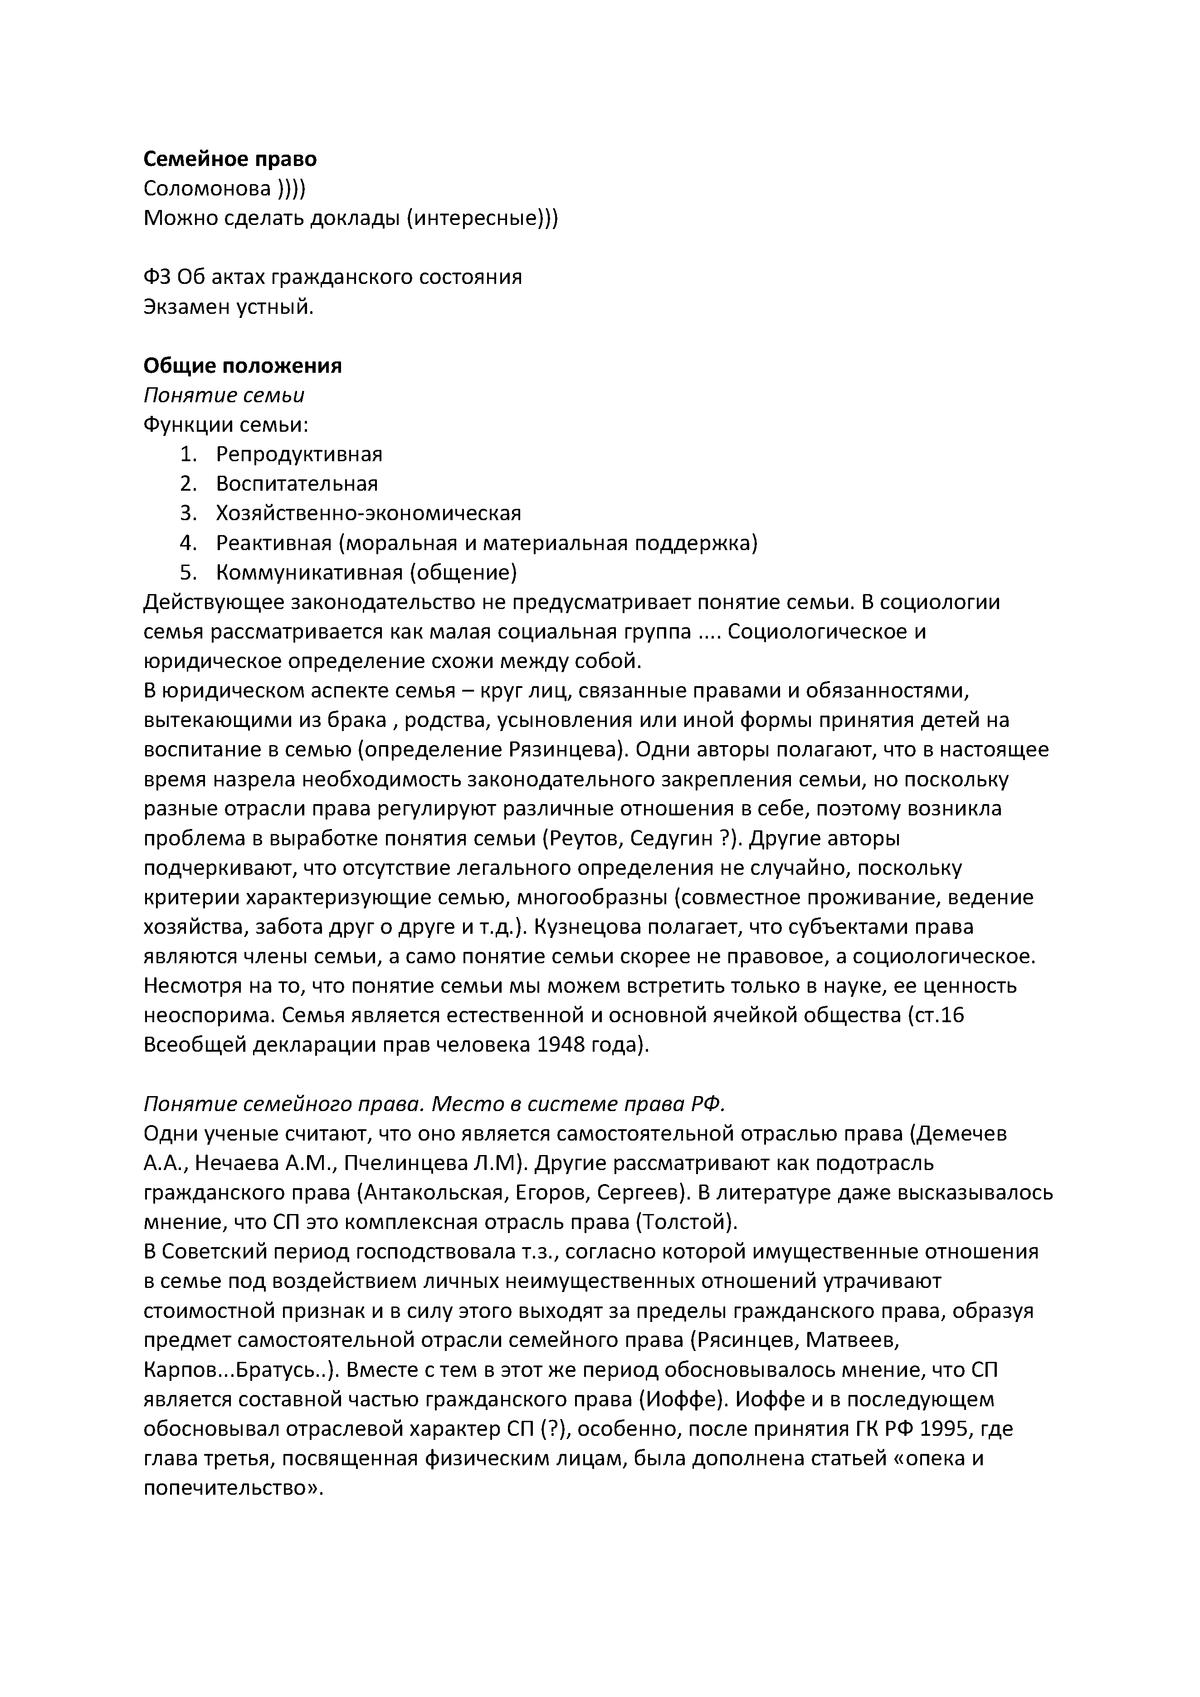 Семейный кодекс (ск рф): последняя редакция с изменениями на 2018-2019 год и комментариями